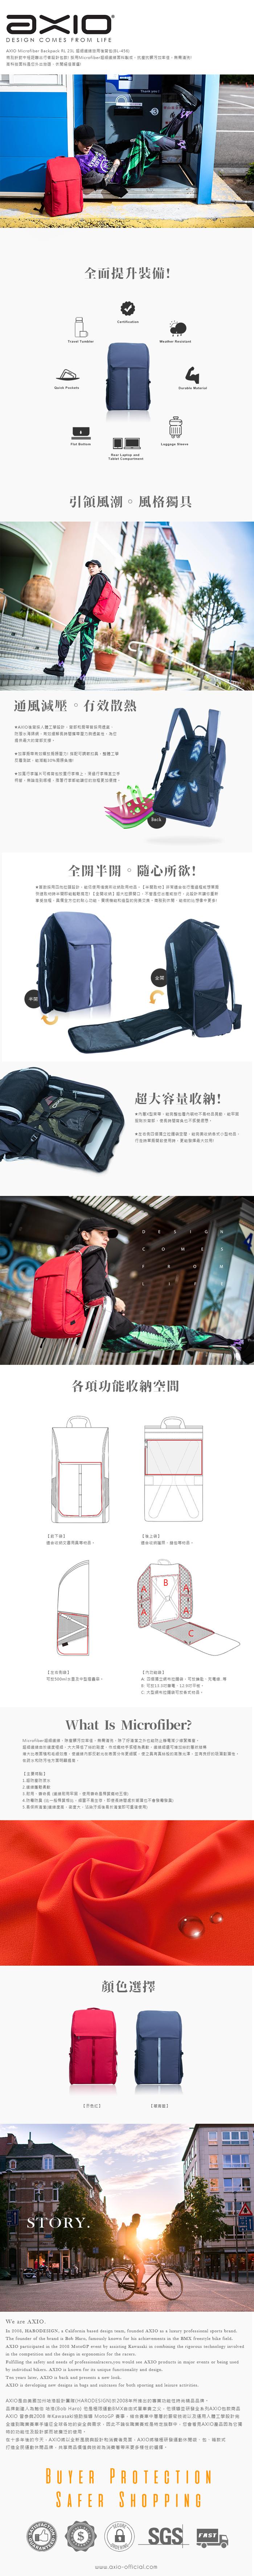 AXIO|Microfiber Backpack RL 23L超細纖維旅用後背包(BL-456)